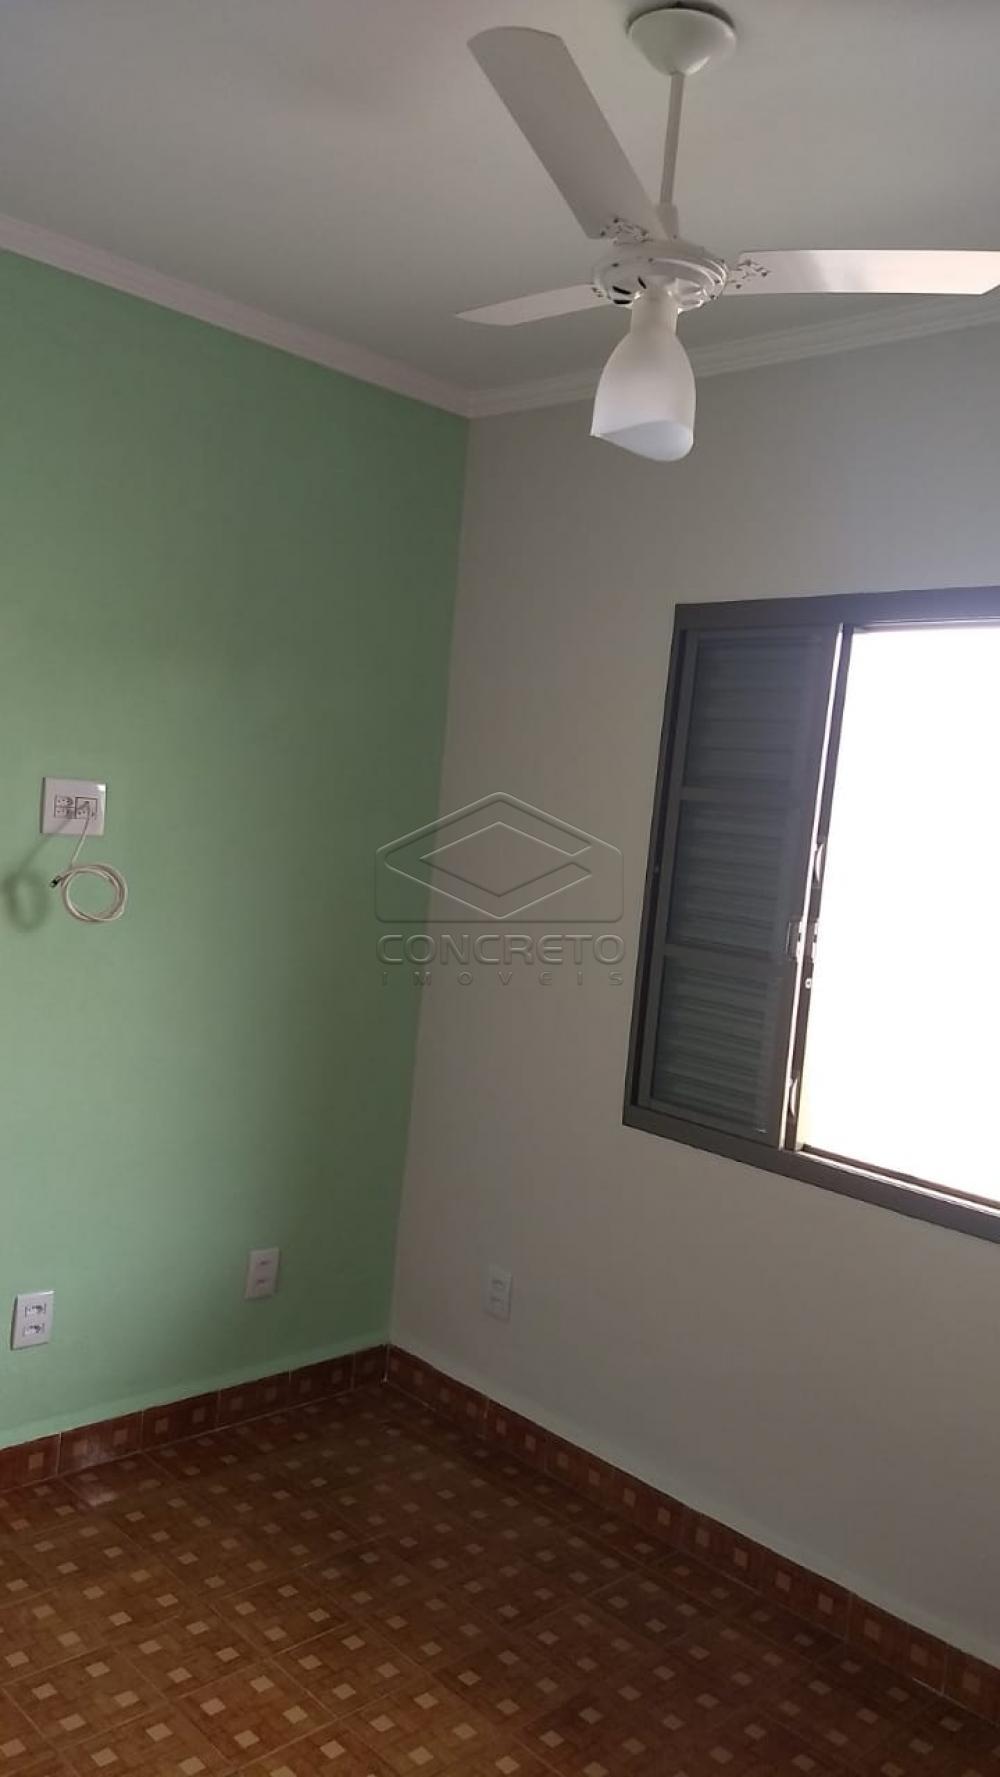 Comprar Casa / Residencia em Jaú apenas R$ 305.000,00 - Foto 14